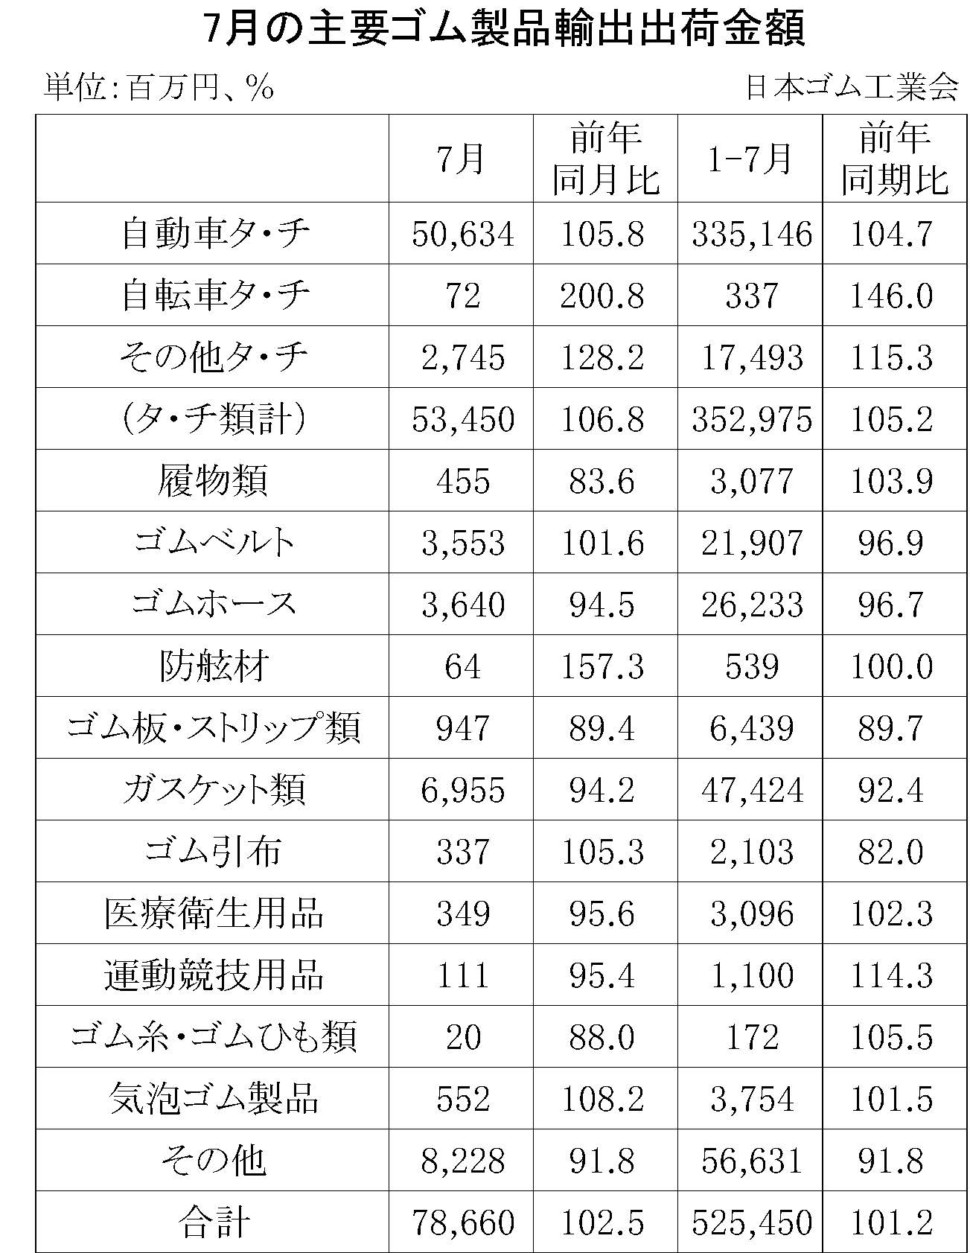 7月の主要ゴム製品輸出金額